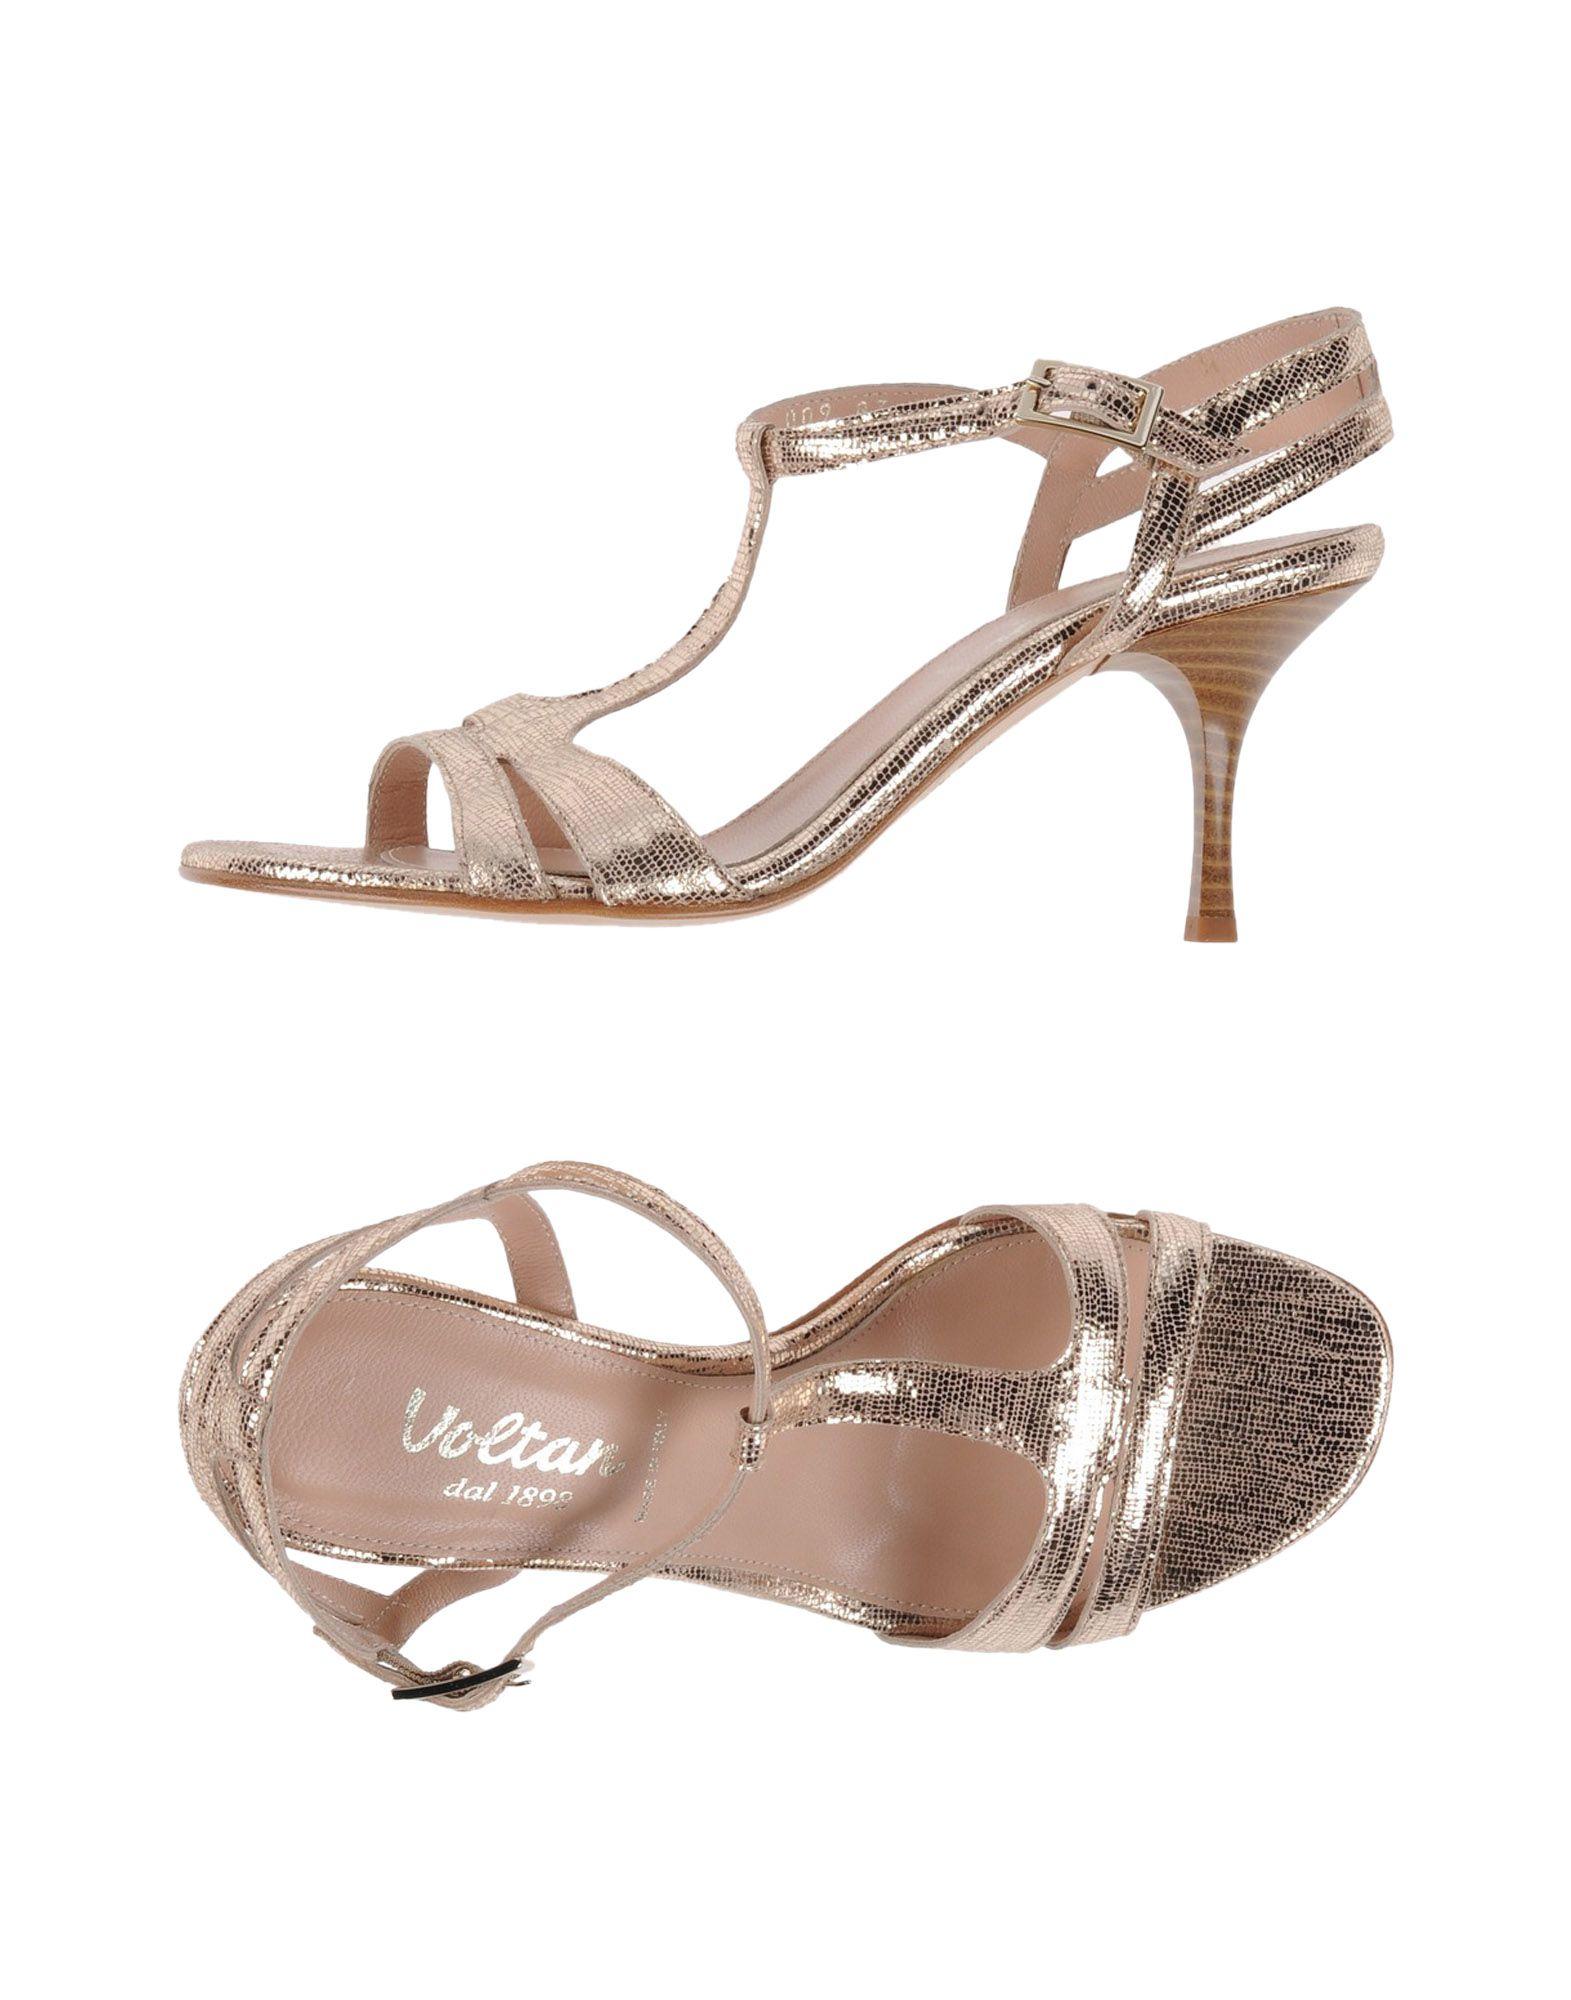 Zapatos casuales salvajes Sandalia Voltan Mujer - Sandalias Voltan  Platino Platino  49b922